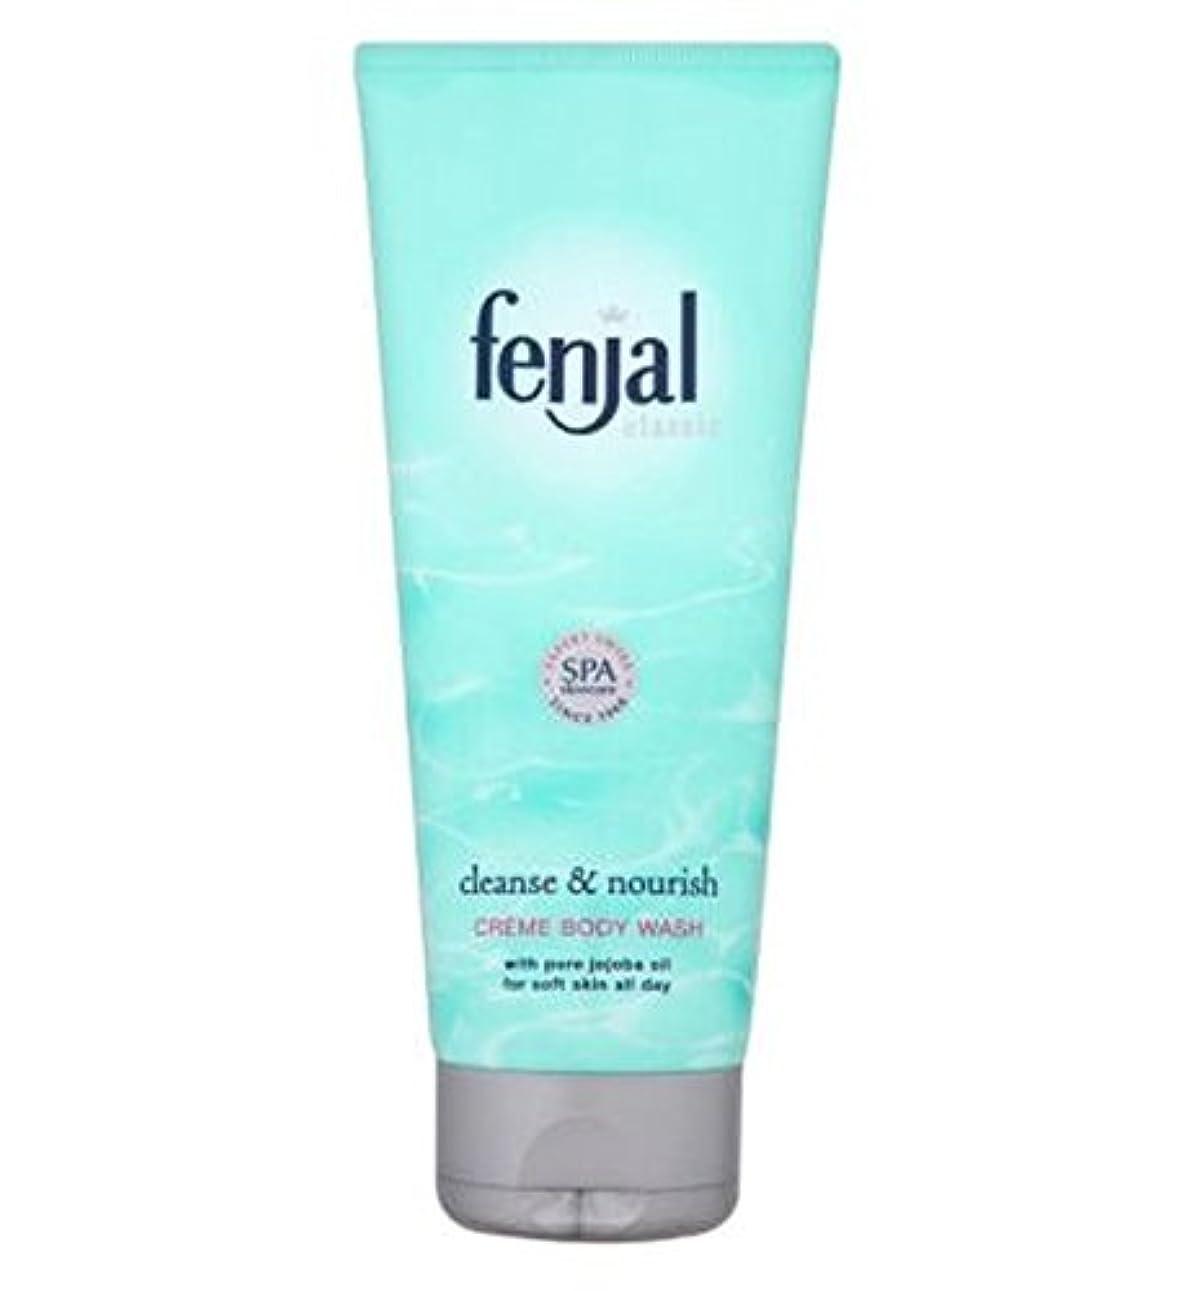 かけがえのないペア紳士Fenjal古典的な高級クリームオイルボディウォッシュ (Fenjal) (x2) - Fenjal Classic Luxury Creme Oil Body Wash (Pack of 2) [並行輸入品]